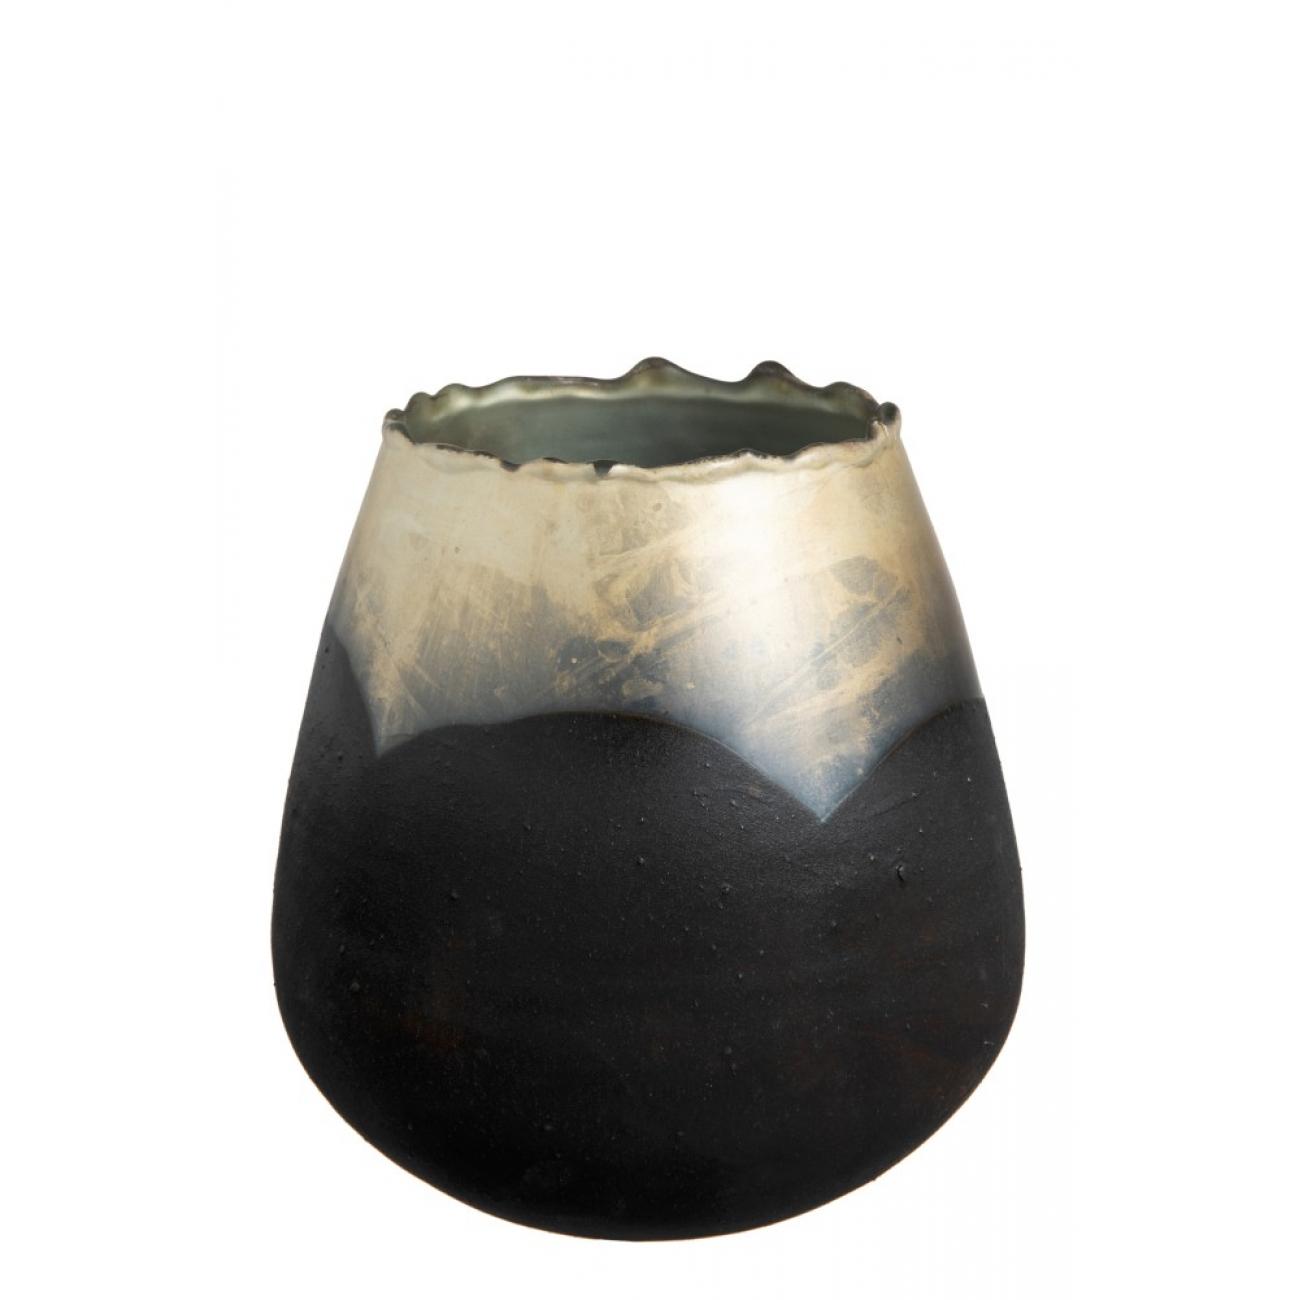 Подсвечник J-LINE стеклянный черный матовый с золотистым кантом высота 18 см